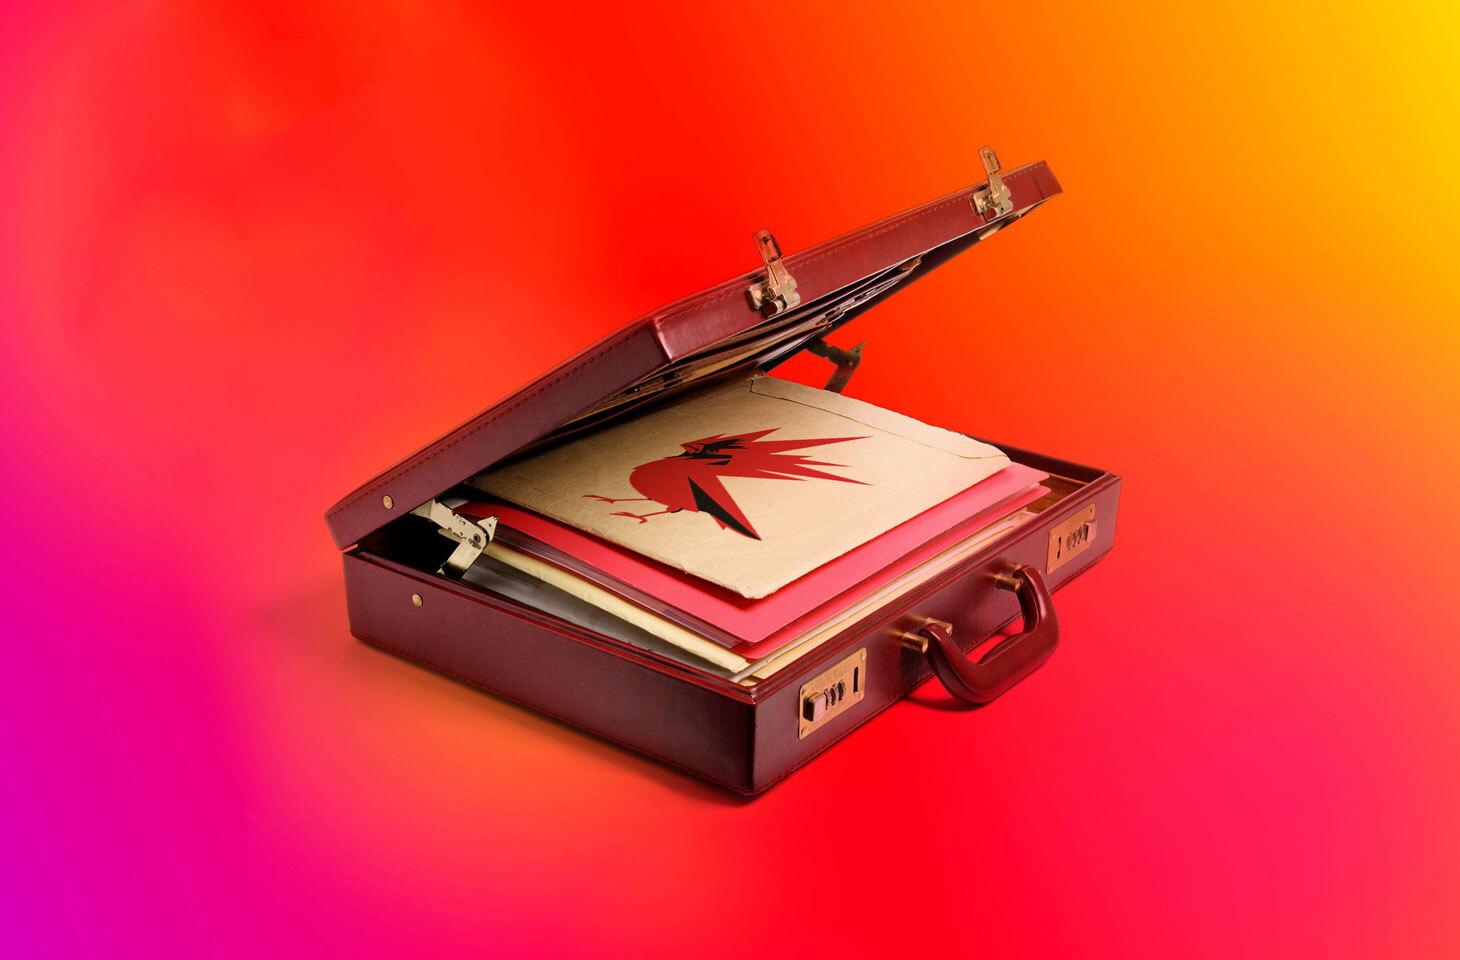 Systèmes internes de CD Projekt victimes d'un ransomware | Blog officiel de Kaspersky